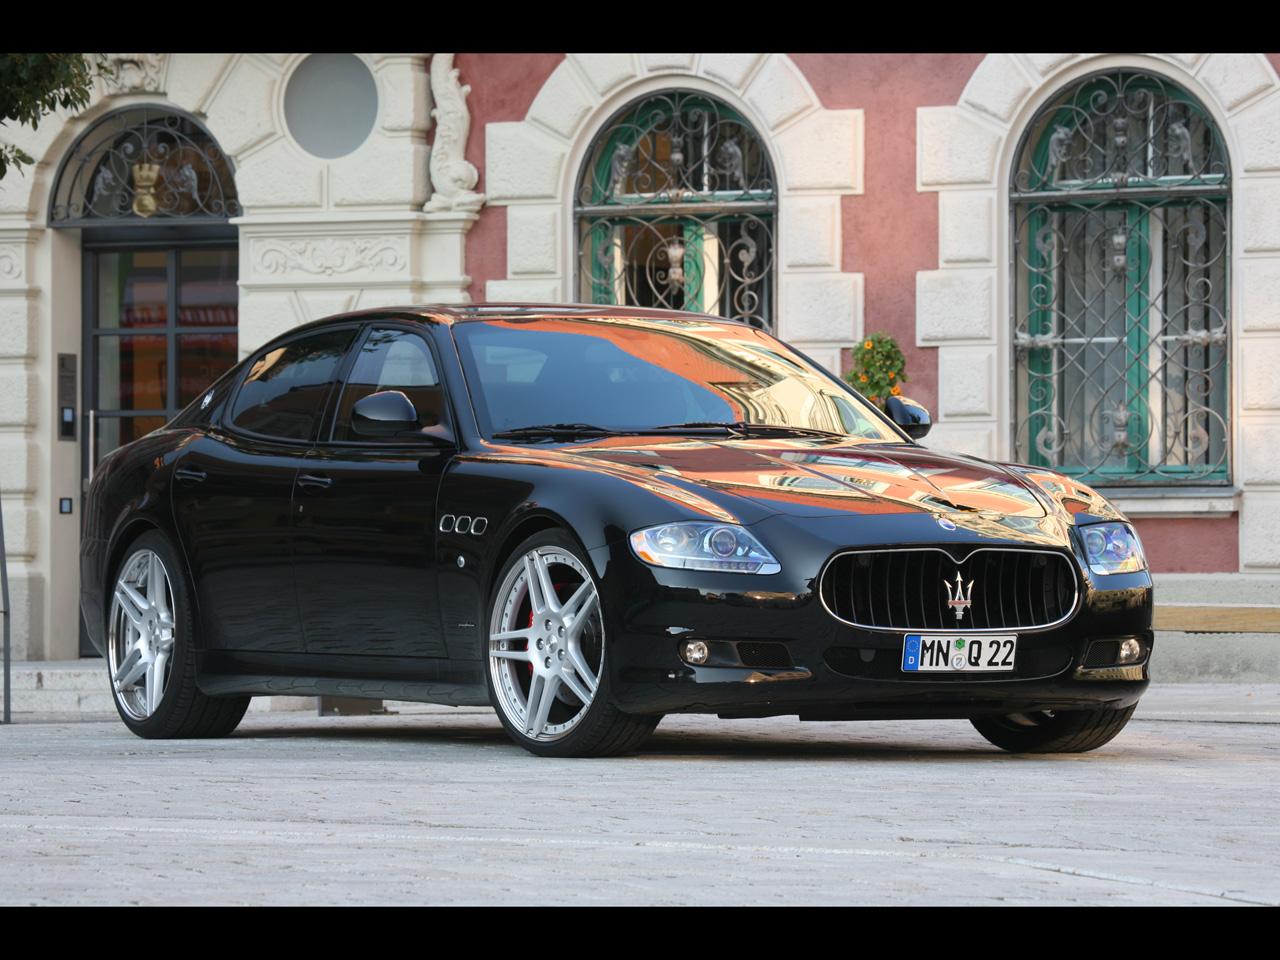 2011 Maserati Quattroporte Image 14